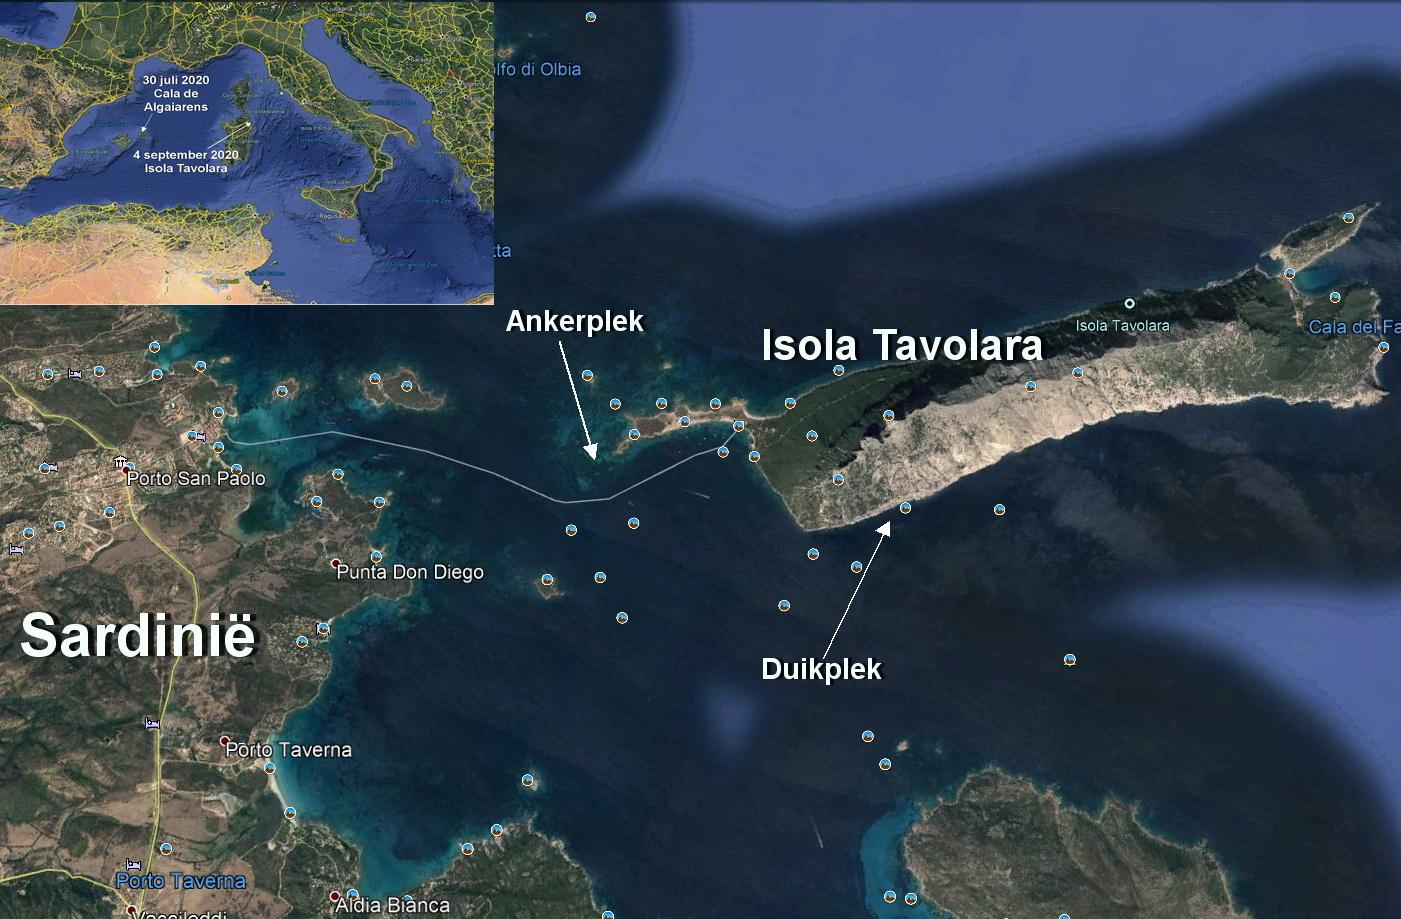 Duik-2 Isola Tavolara